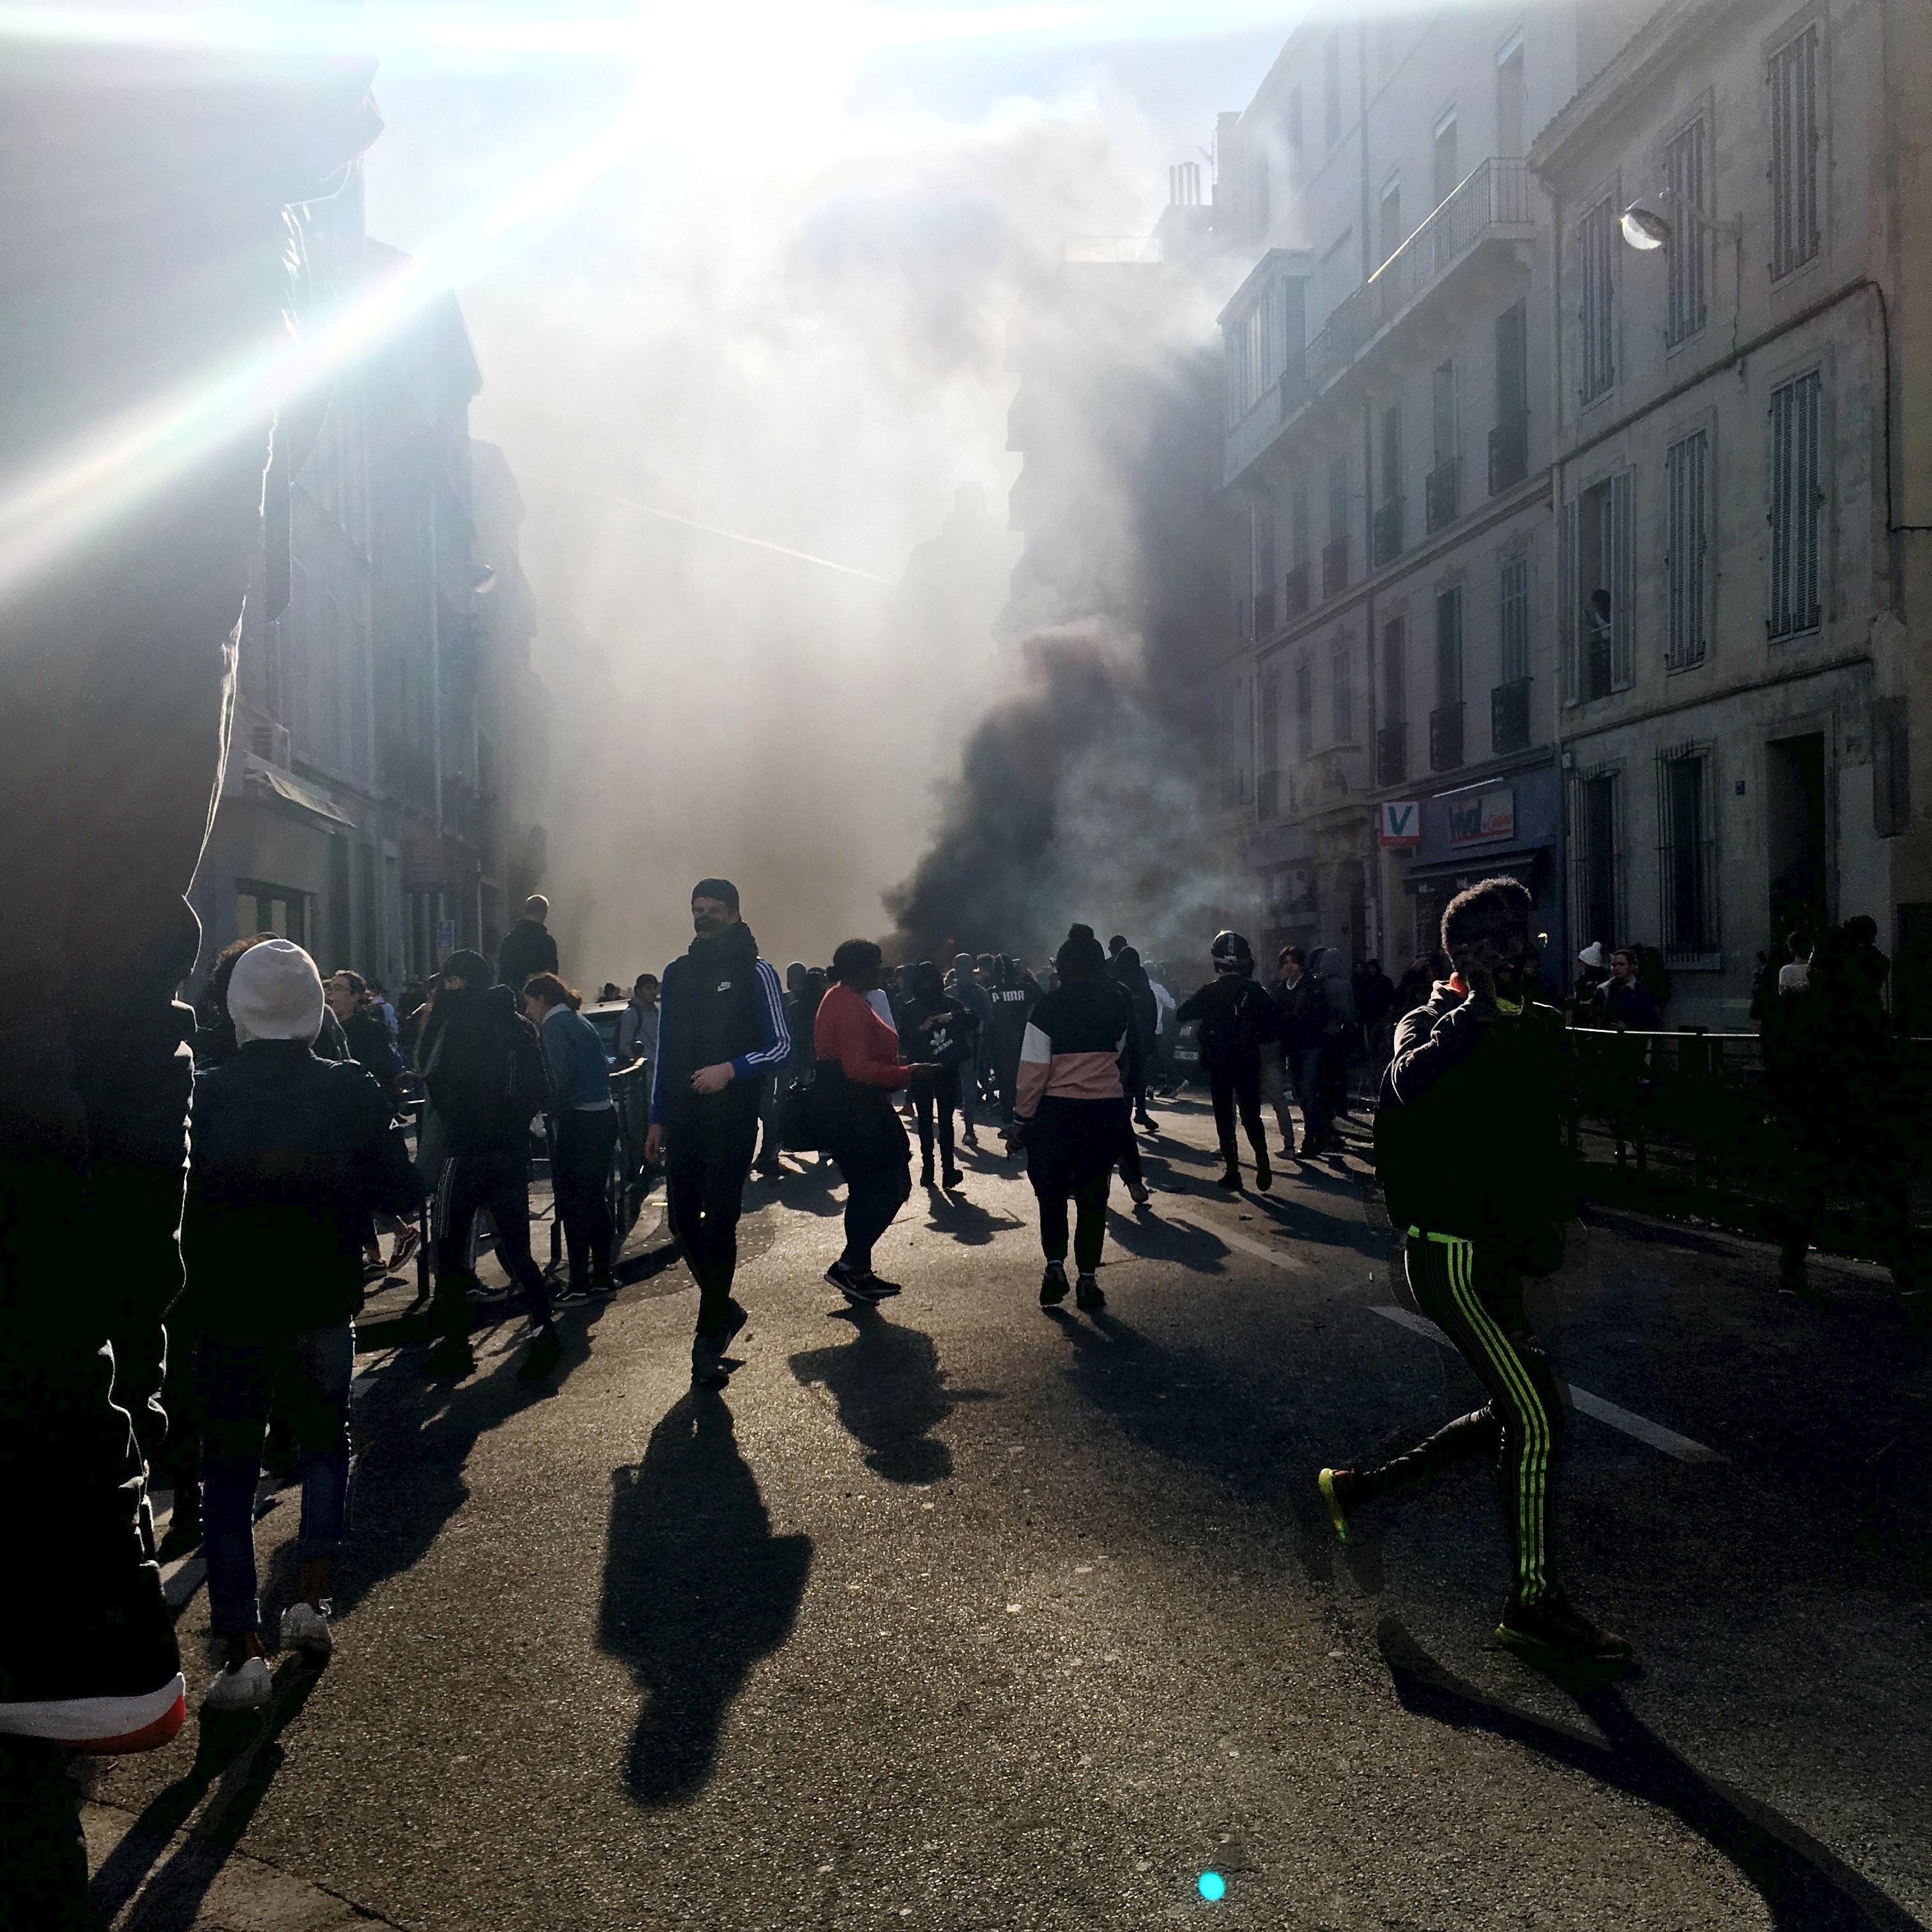 المتظاهرون مازالو يتبنون خيار العنف